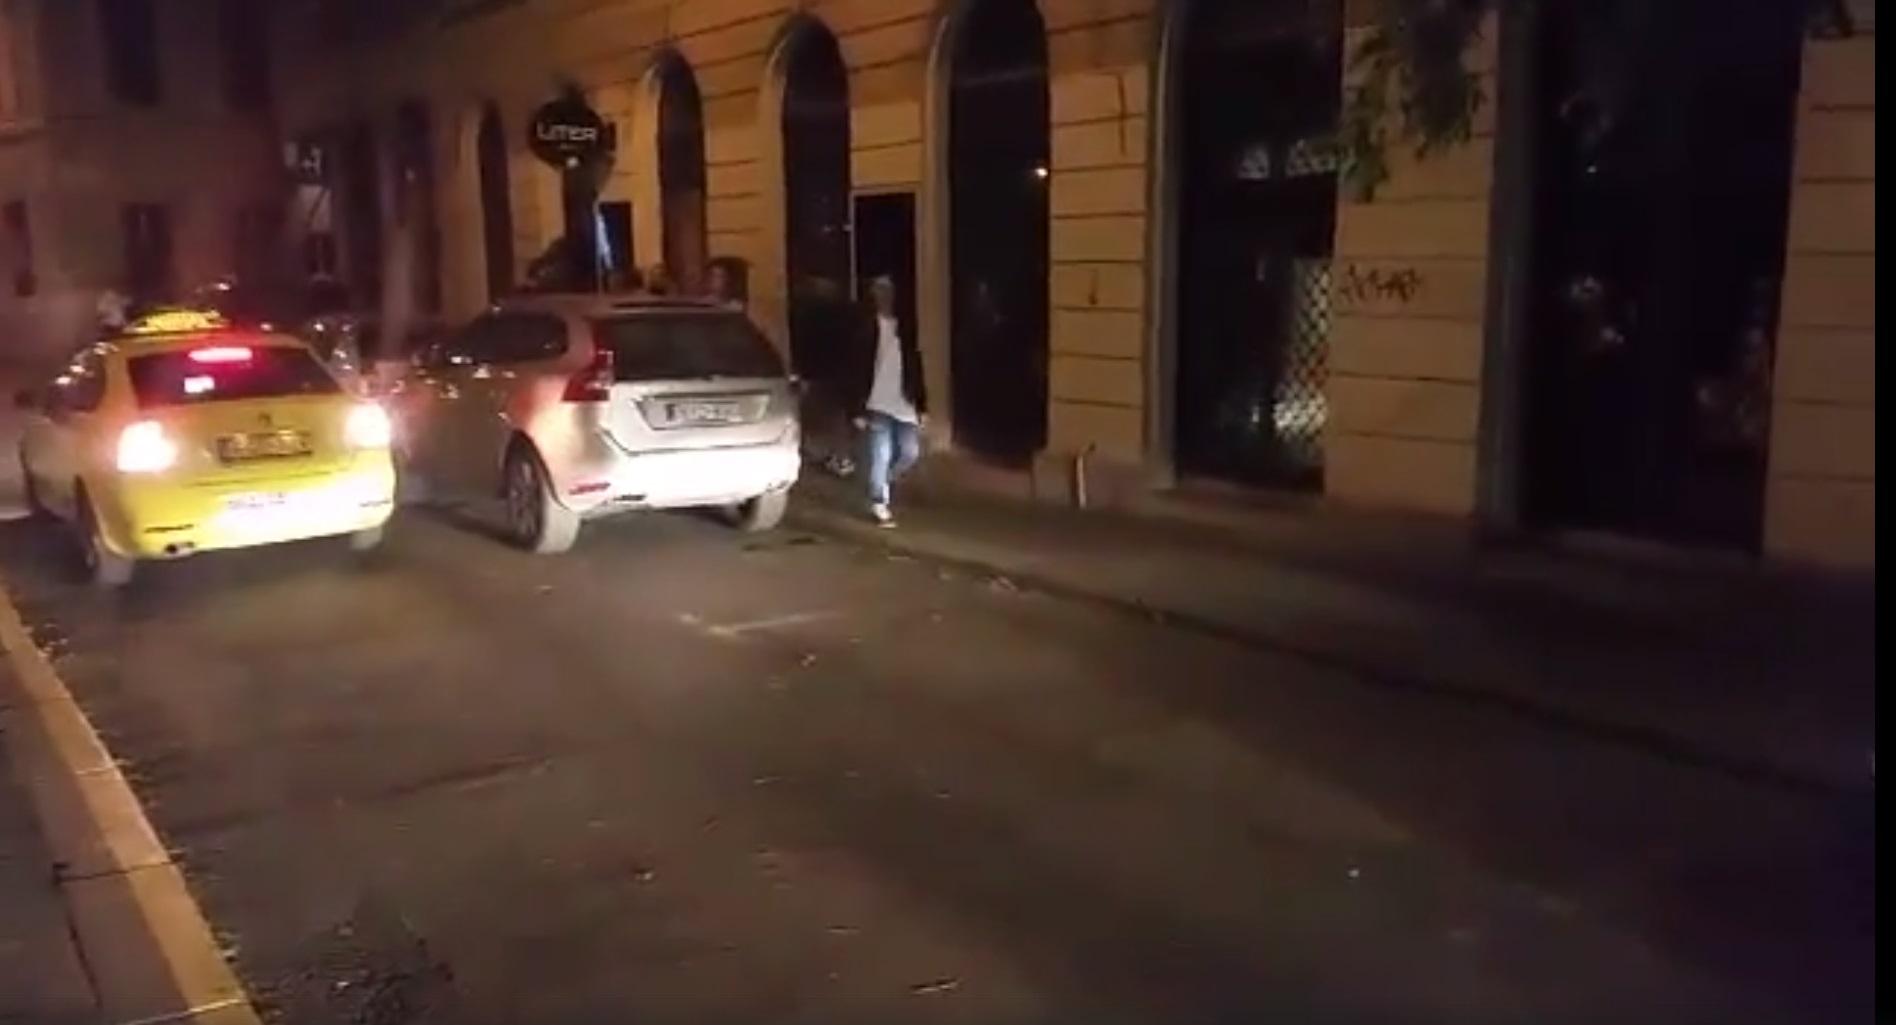 kazinczy_u_lathatatlan_mozgasserult_hely19.jpg